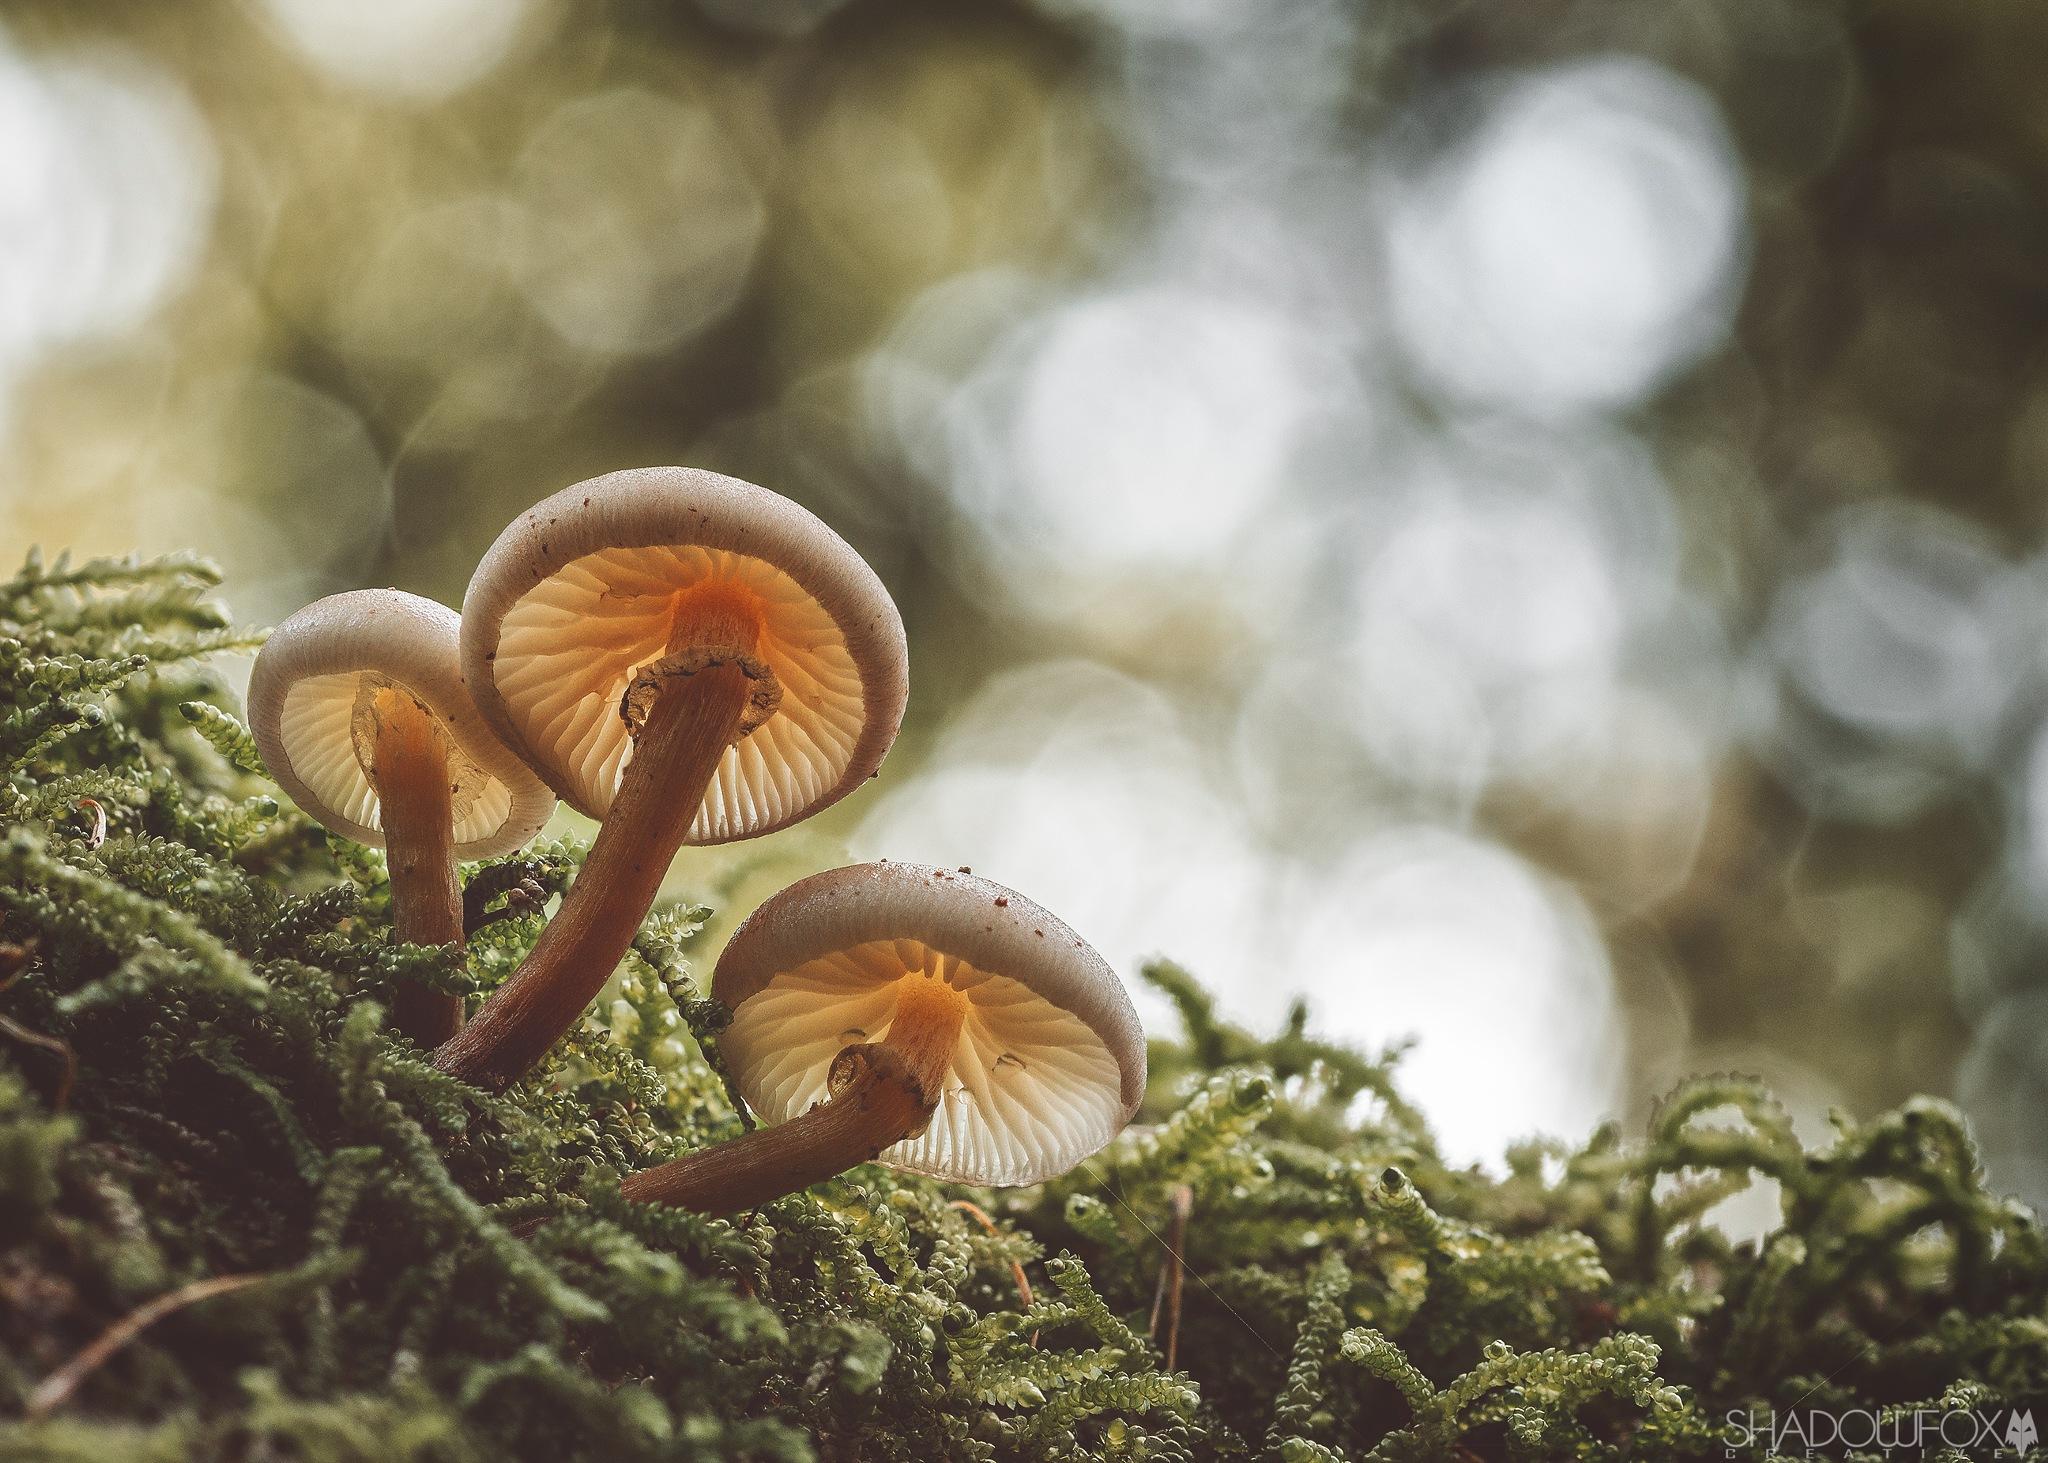 Fungi 2018-24 by Mark Fox